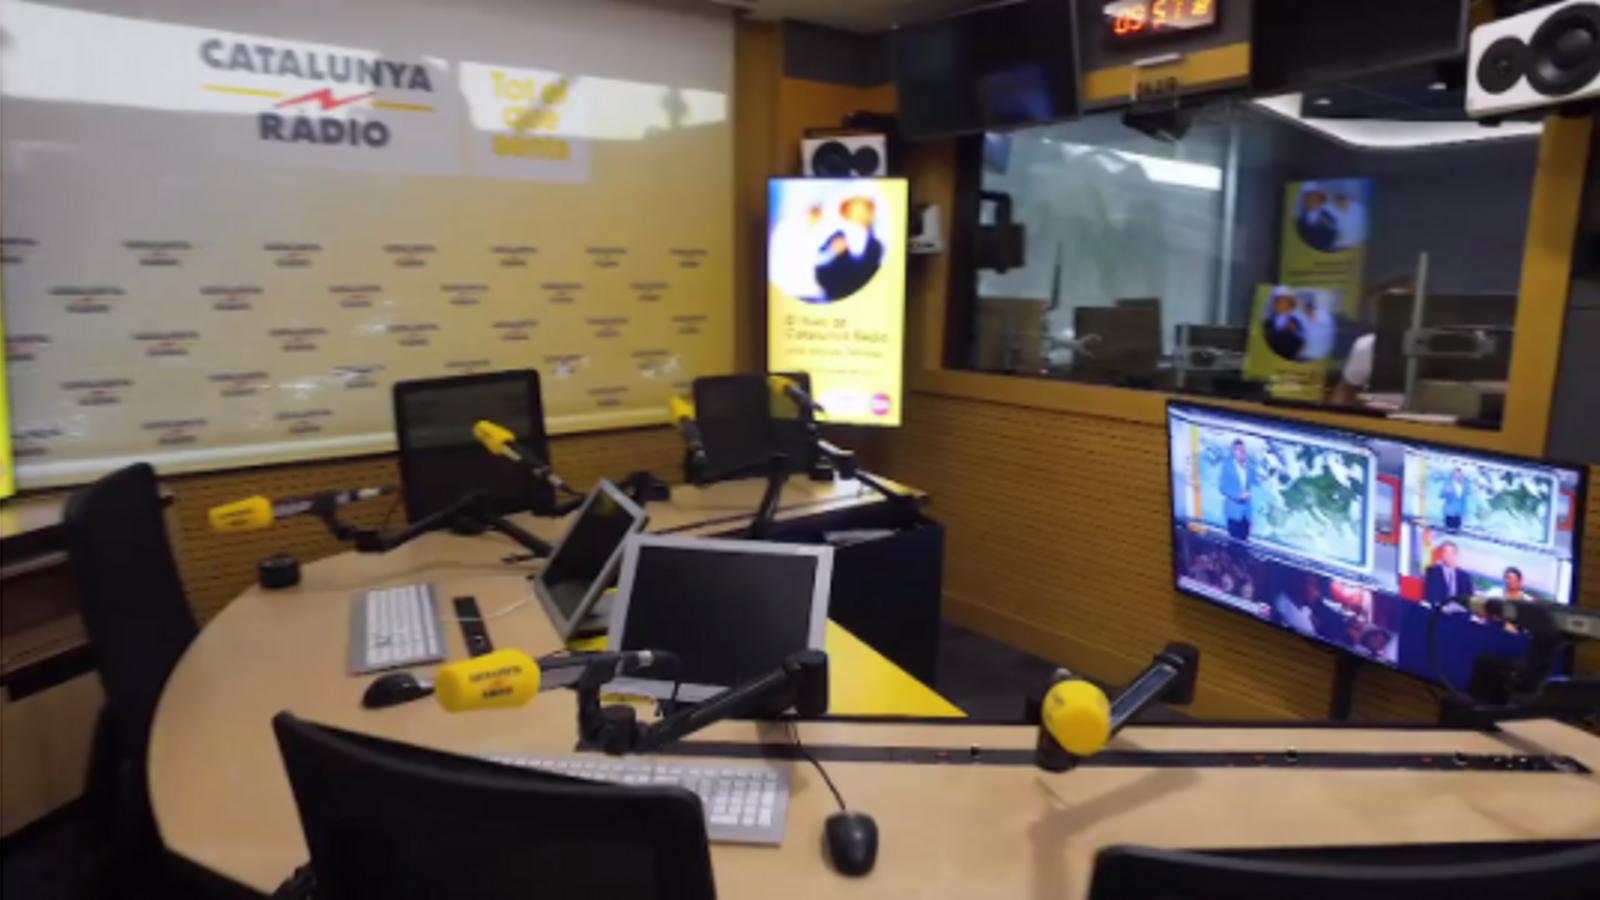 El nou estudi 1 de Catalunya Ràdio